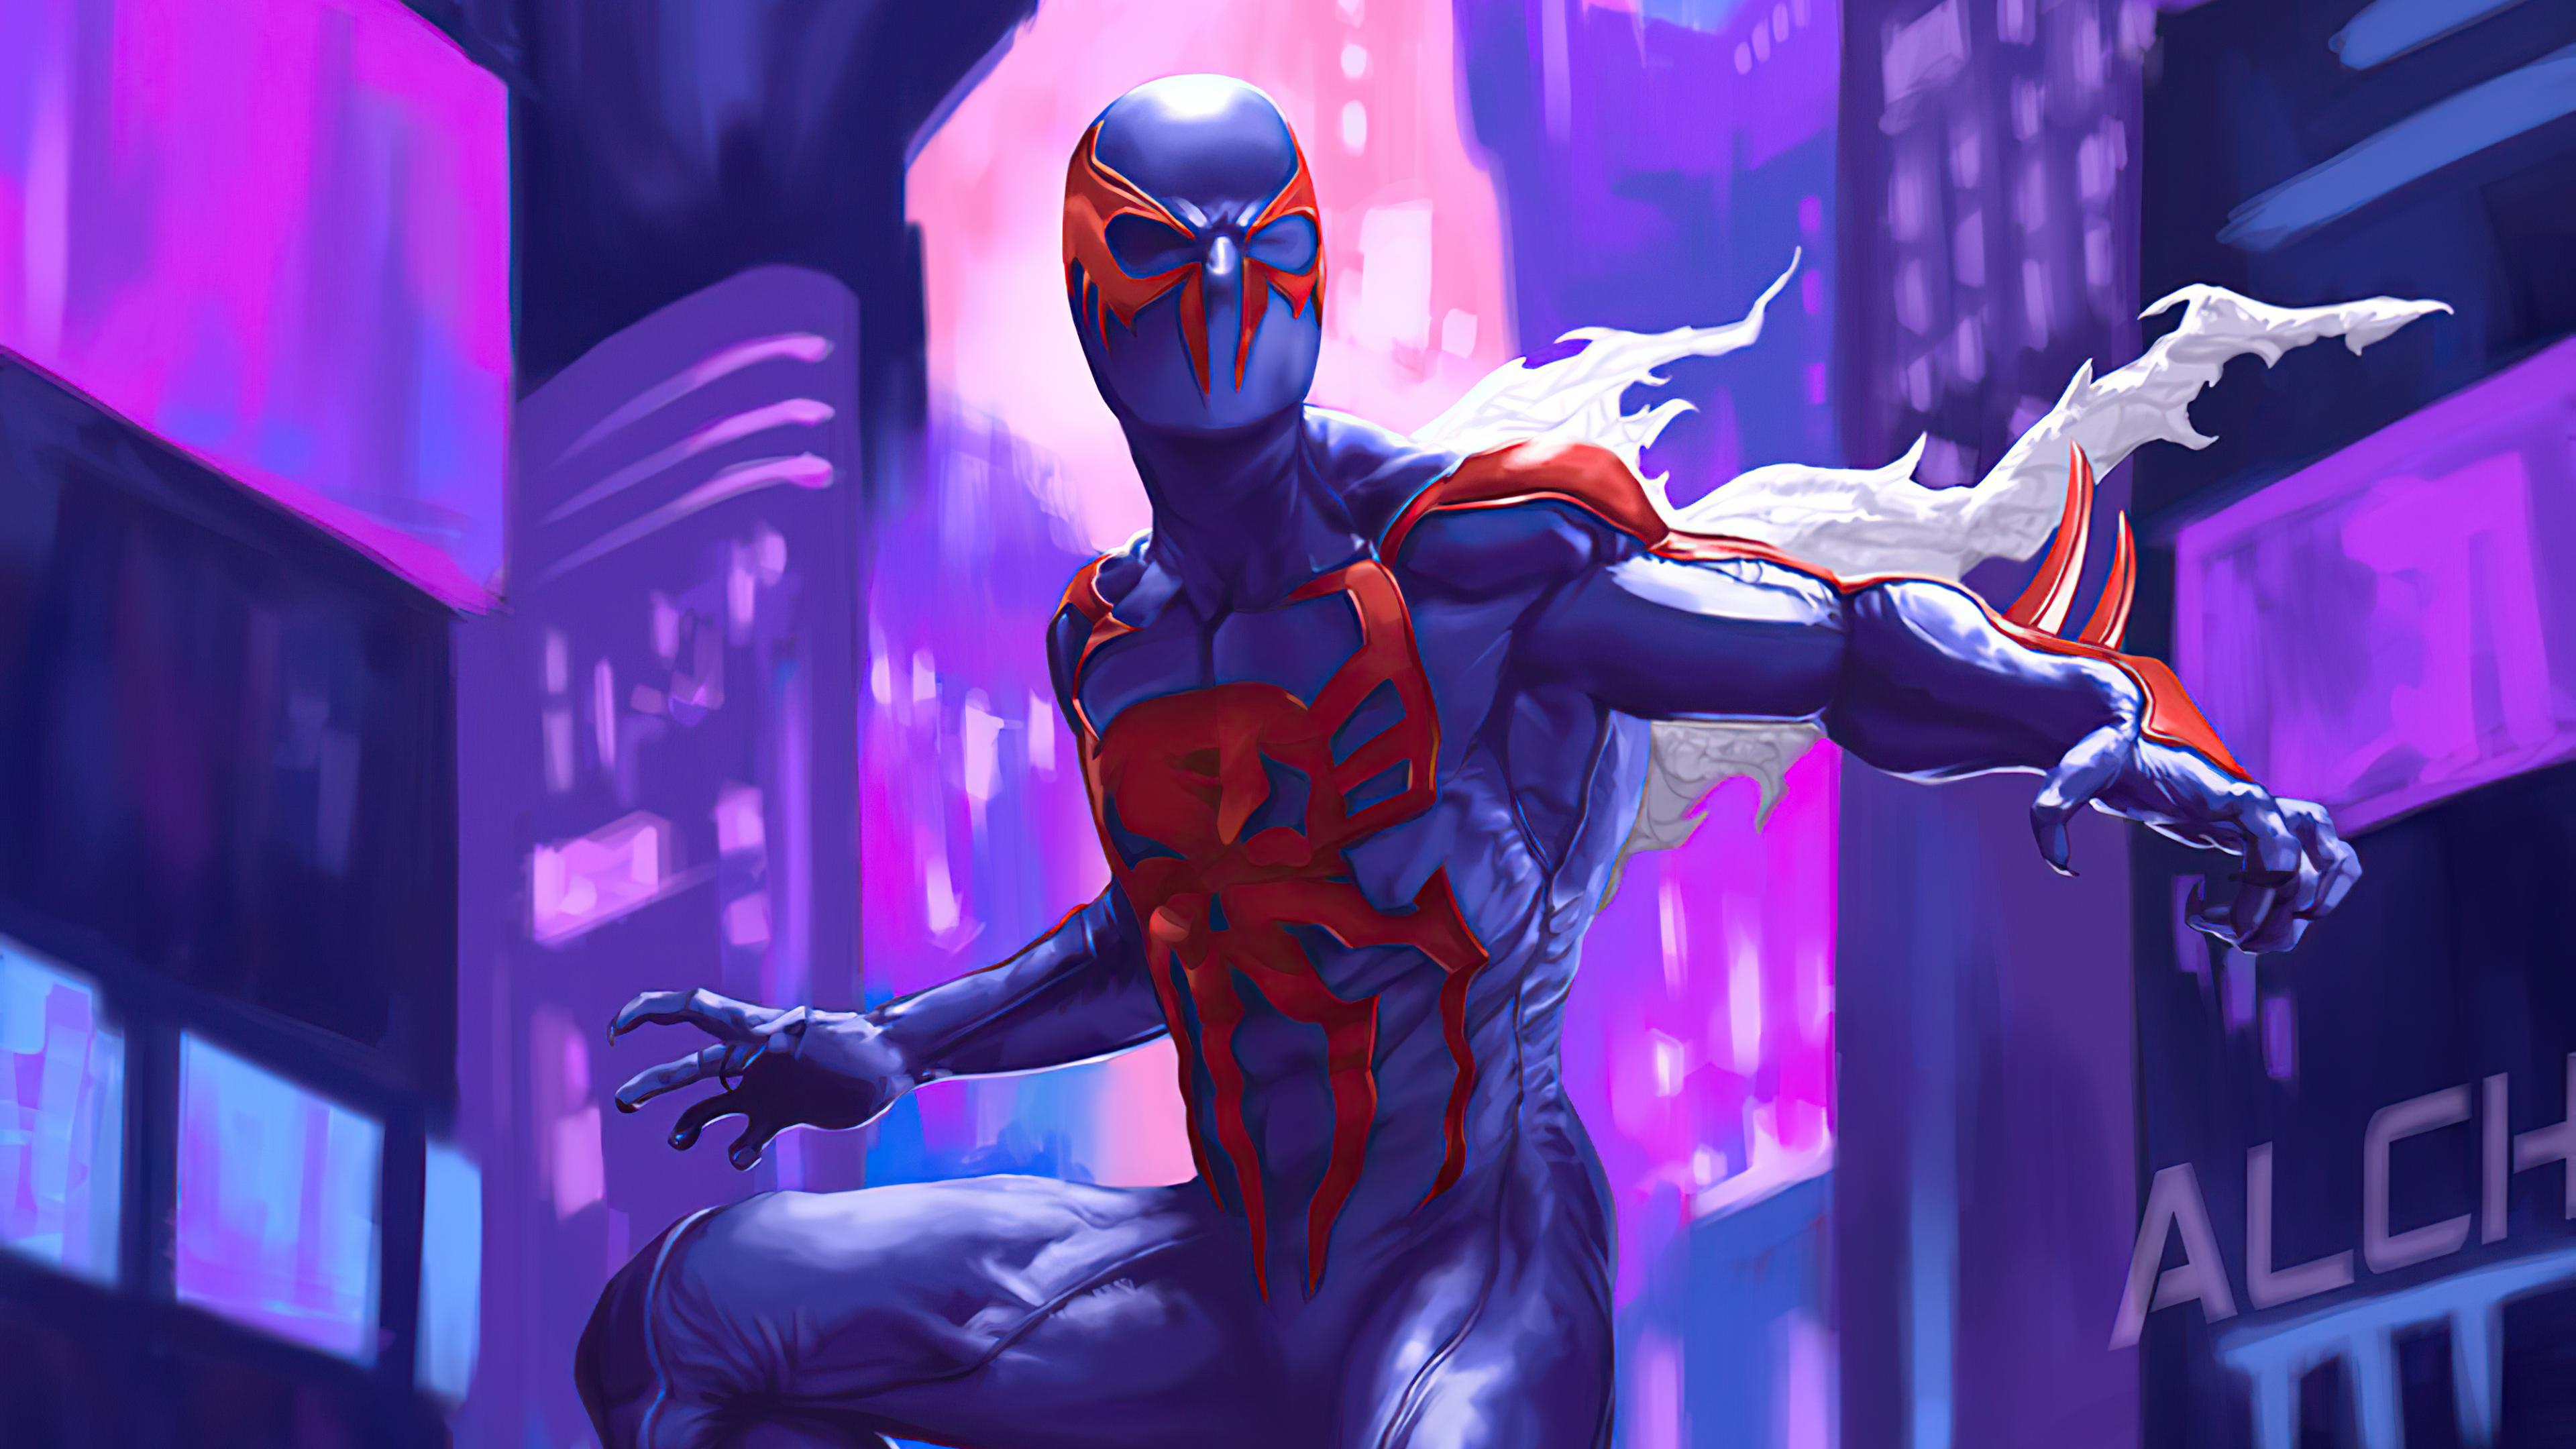 Marvel Comics 3840x2160